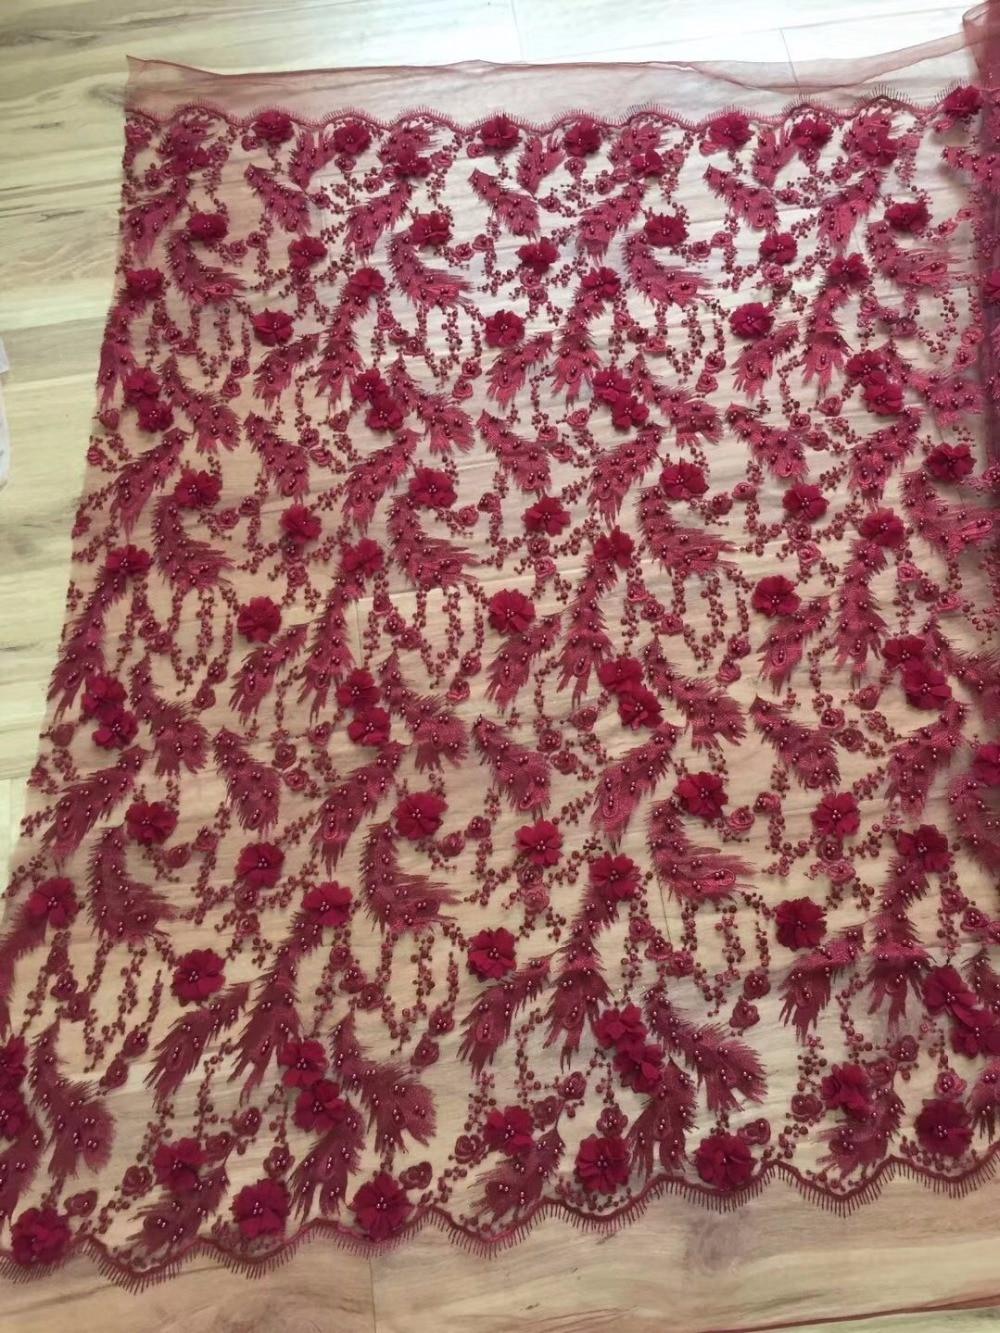 2018 Последняя мода африканских Кружево Ткань в нигерийском стиле Кружево Ткань высокое качество французского фатина Кружево Ткань Роскошны